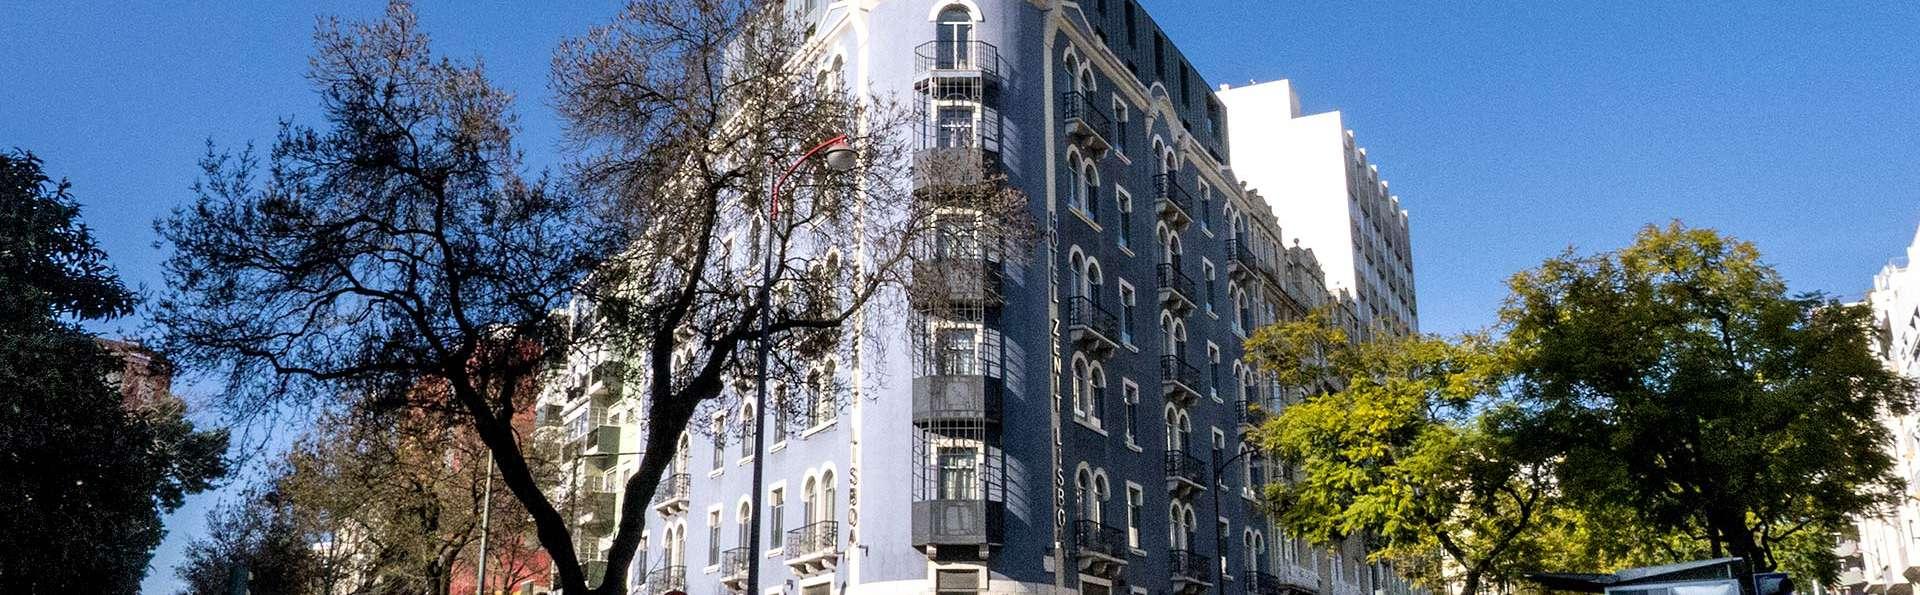 Especial Early Booking: Escapada en el centro de Lisboa (desde 2 noches)